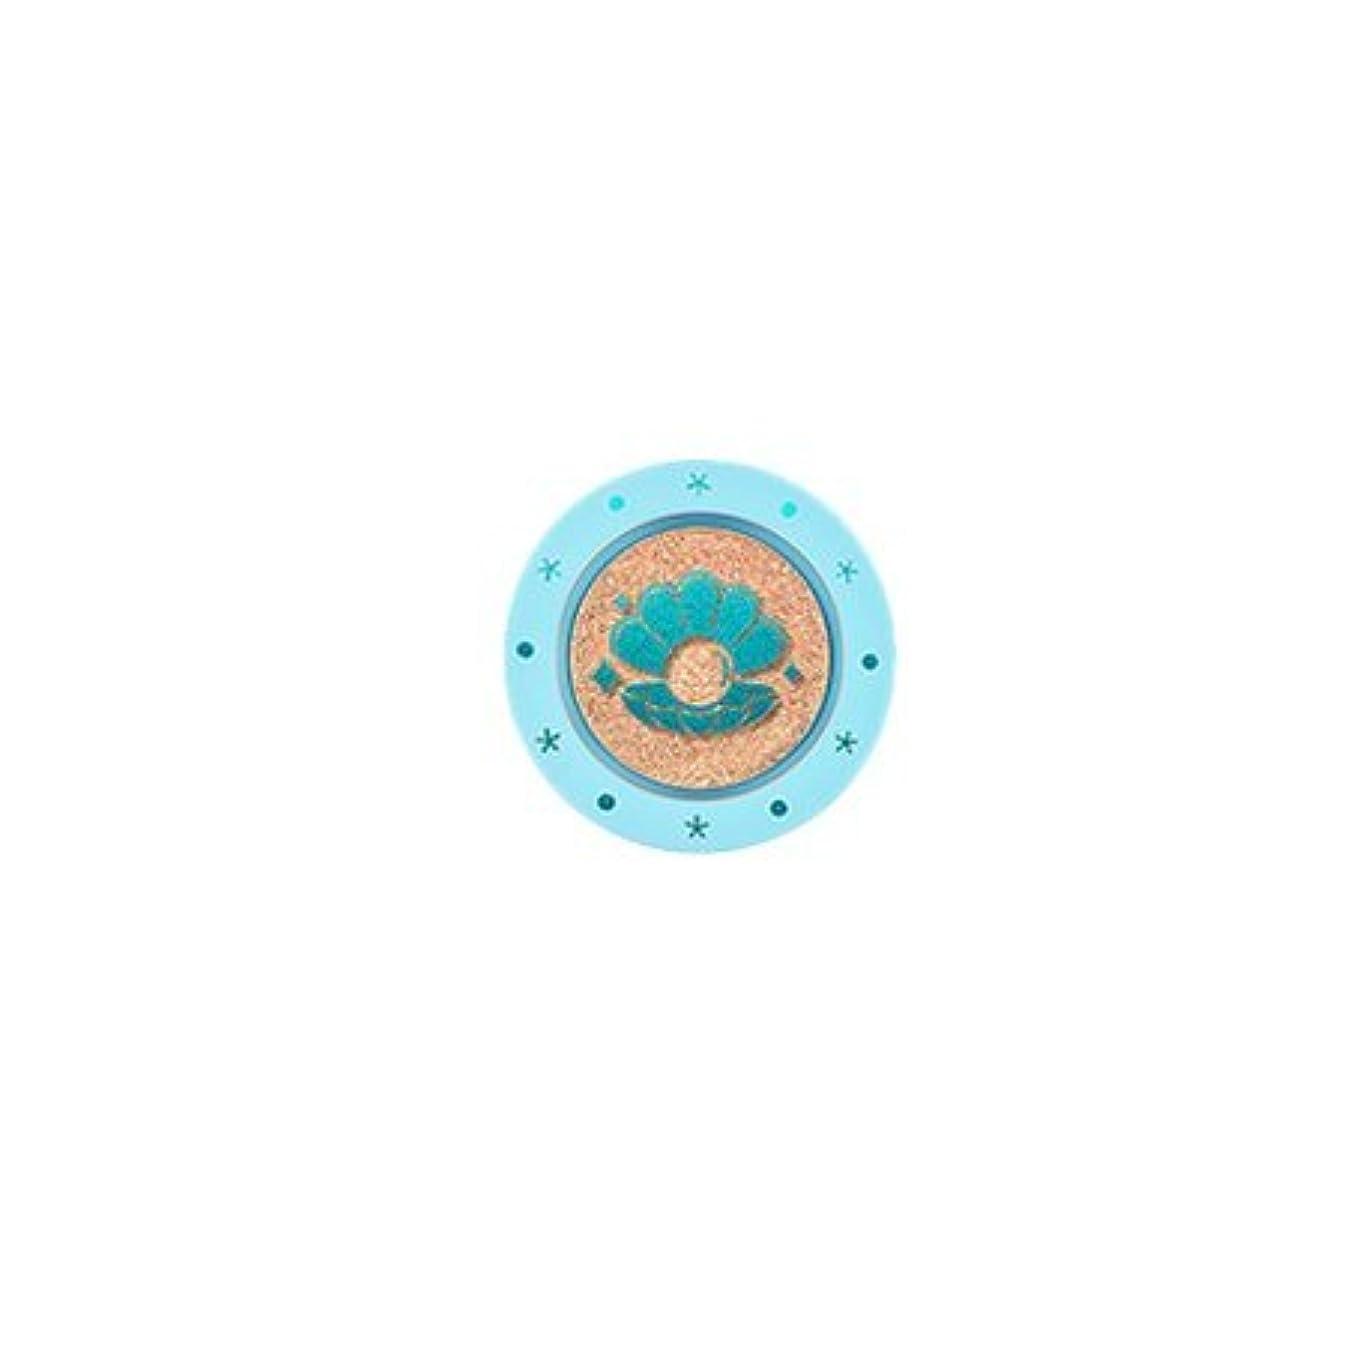 診断するダム師匠アリタウム マーメイド コレクション モノ アイズ 1.4g / ARITAUM Mono Eyes Mermaid Collection (# S25 Gold Glow) [並行輸入品]